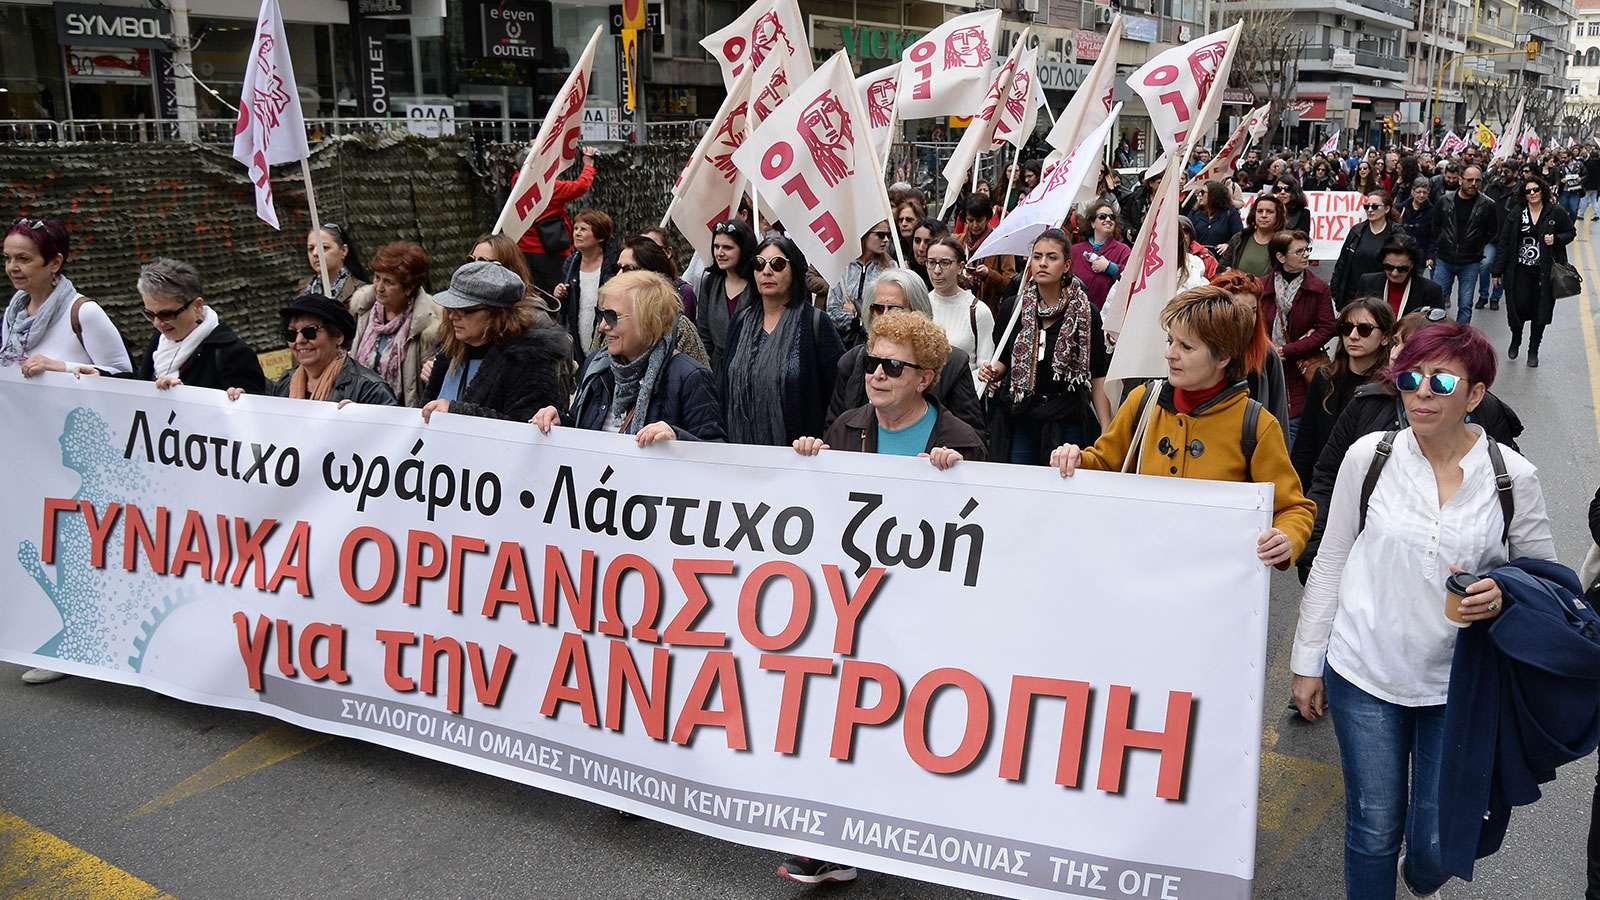 8 Μαρτ ΟΓΕ Θεσαλονίκη